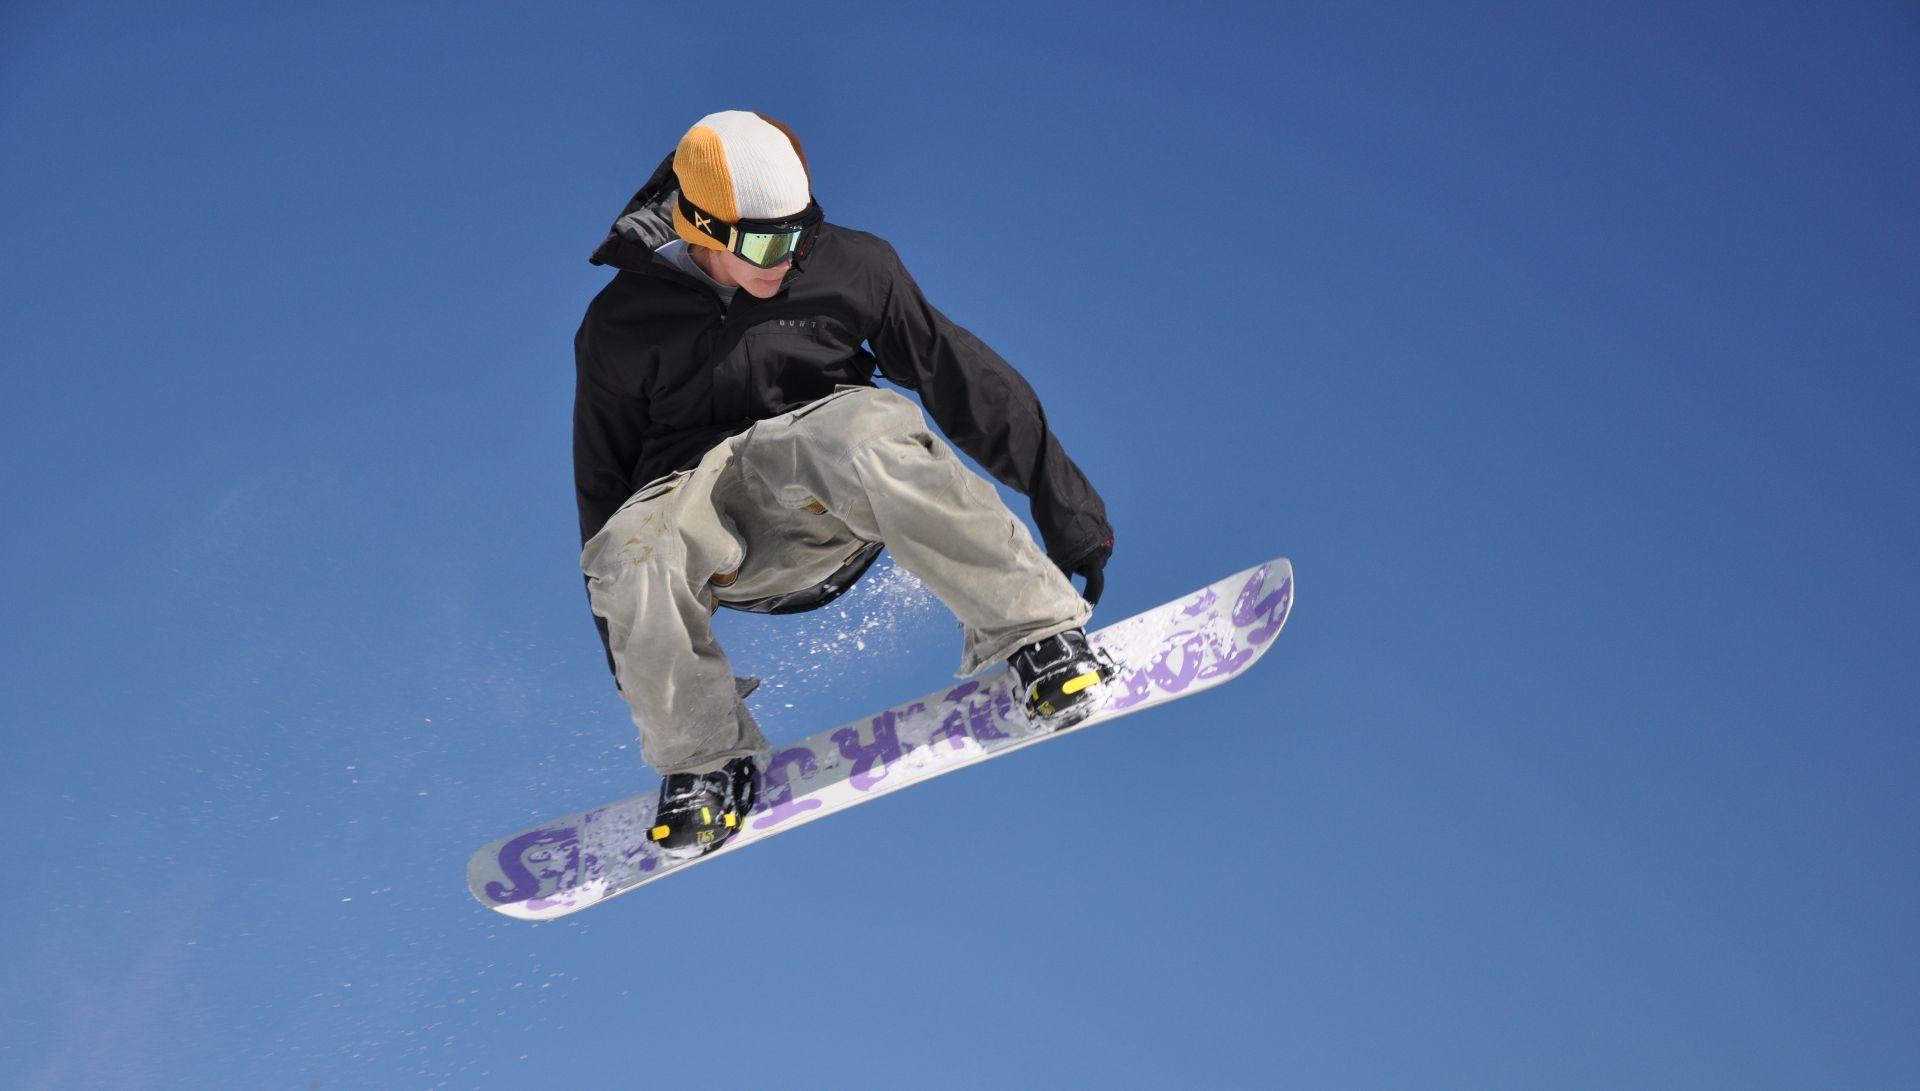 Lezione privata di snowboard freestyle a Piancavallo